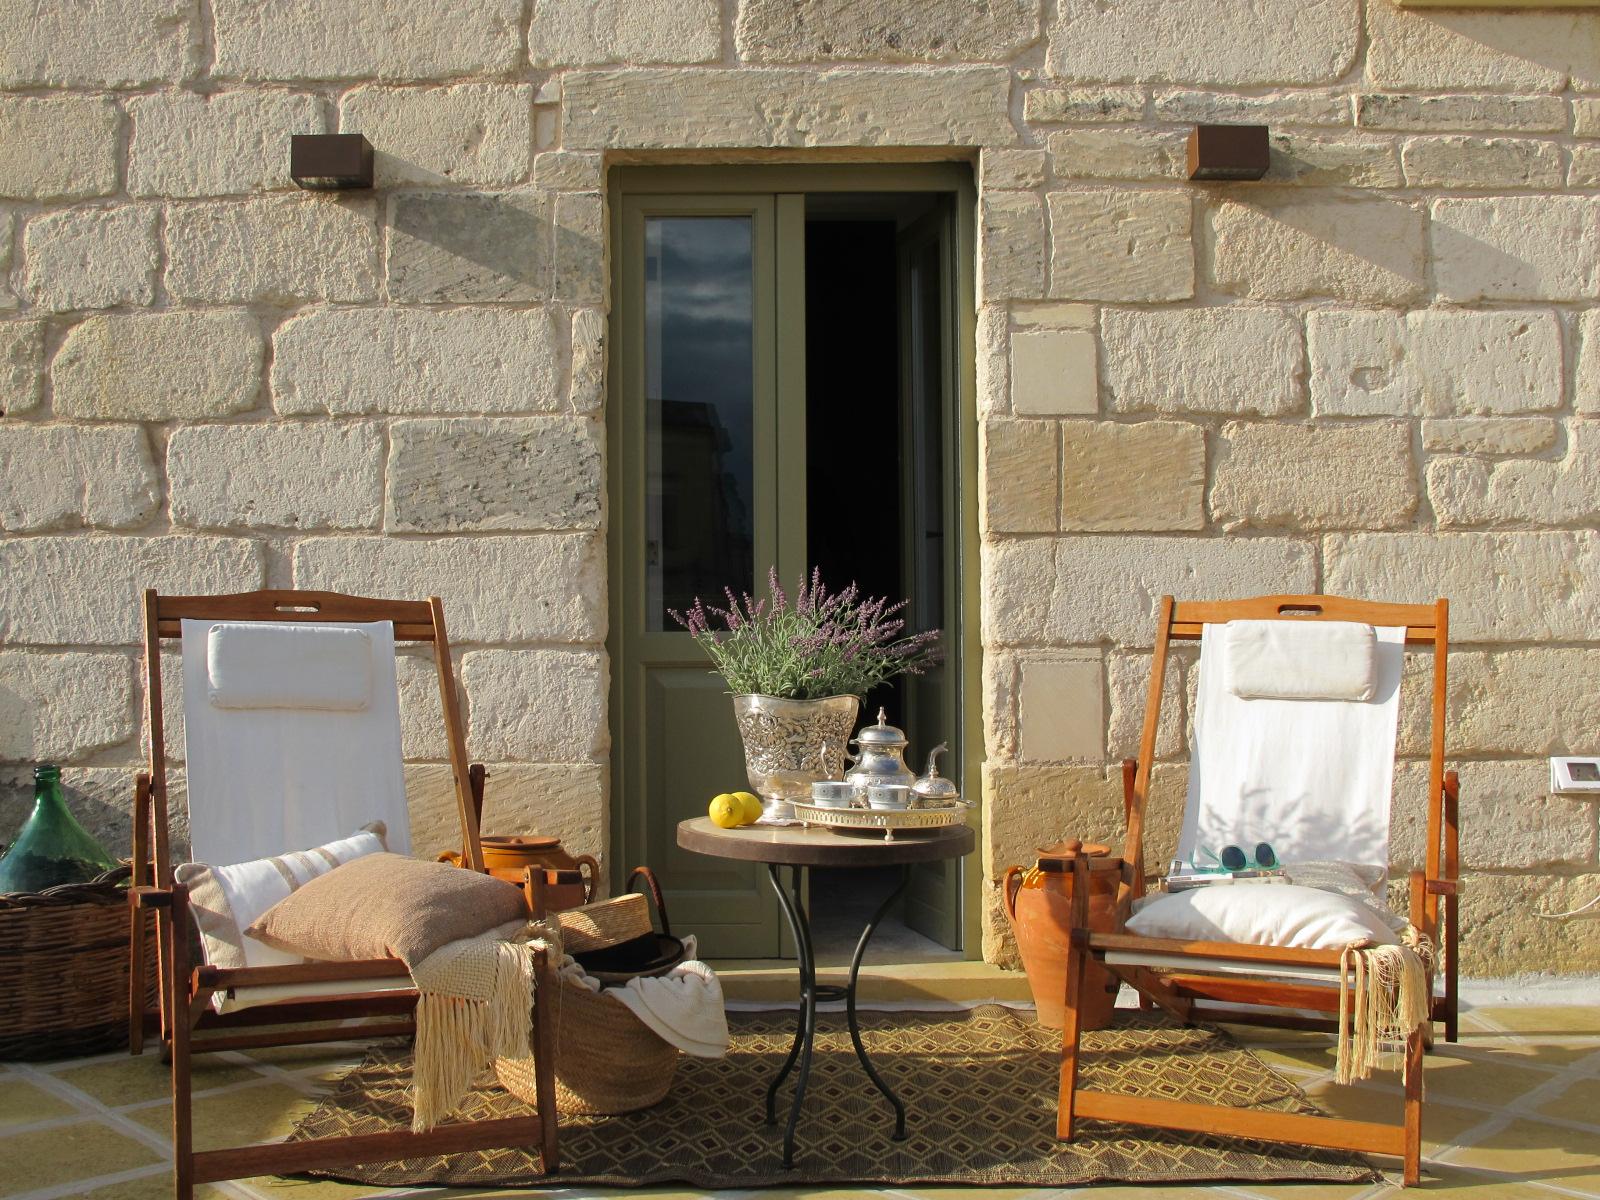 Terrazzina privata nel centro di Maglie (Lecce)